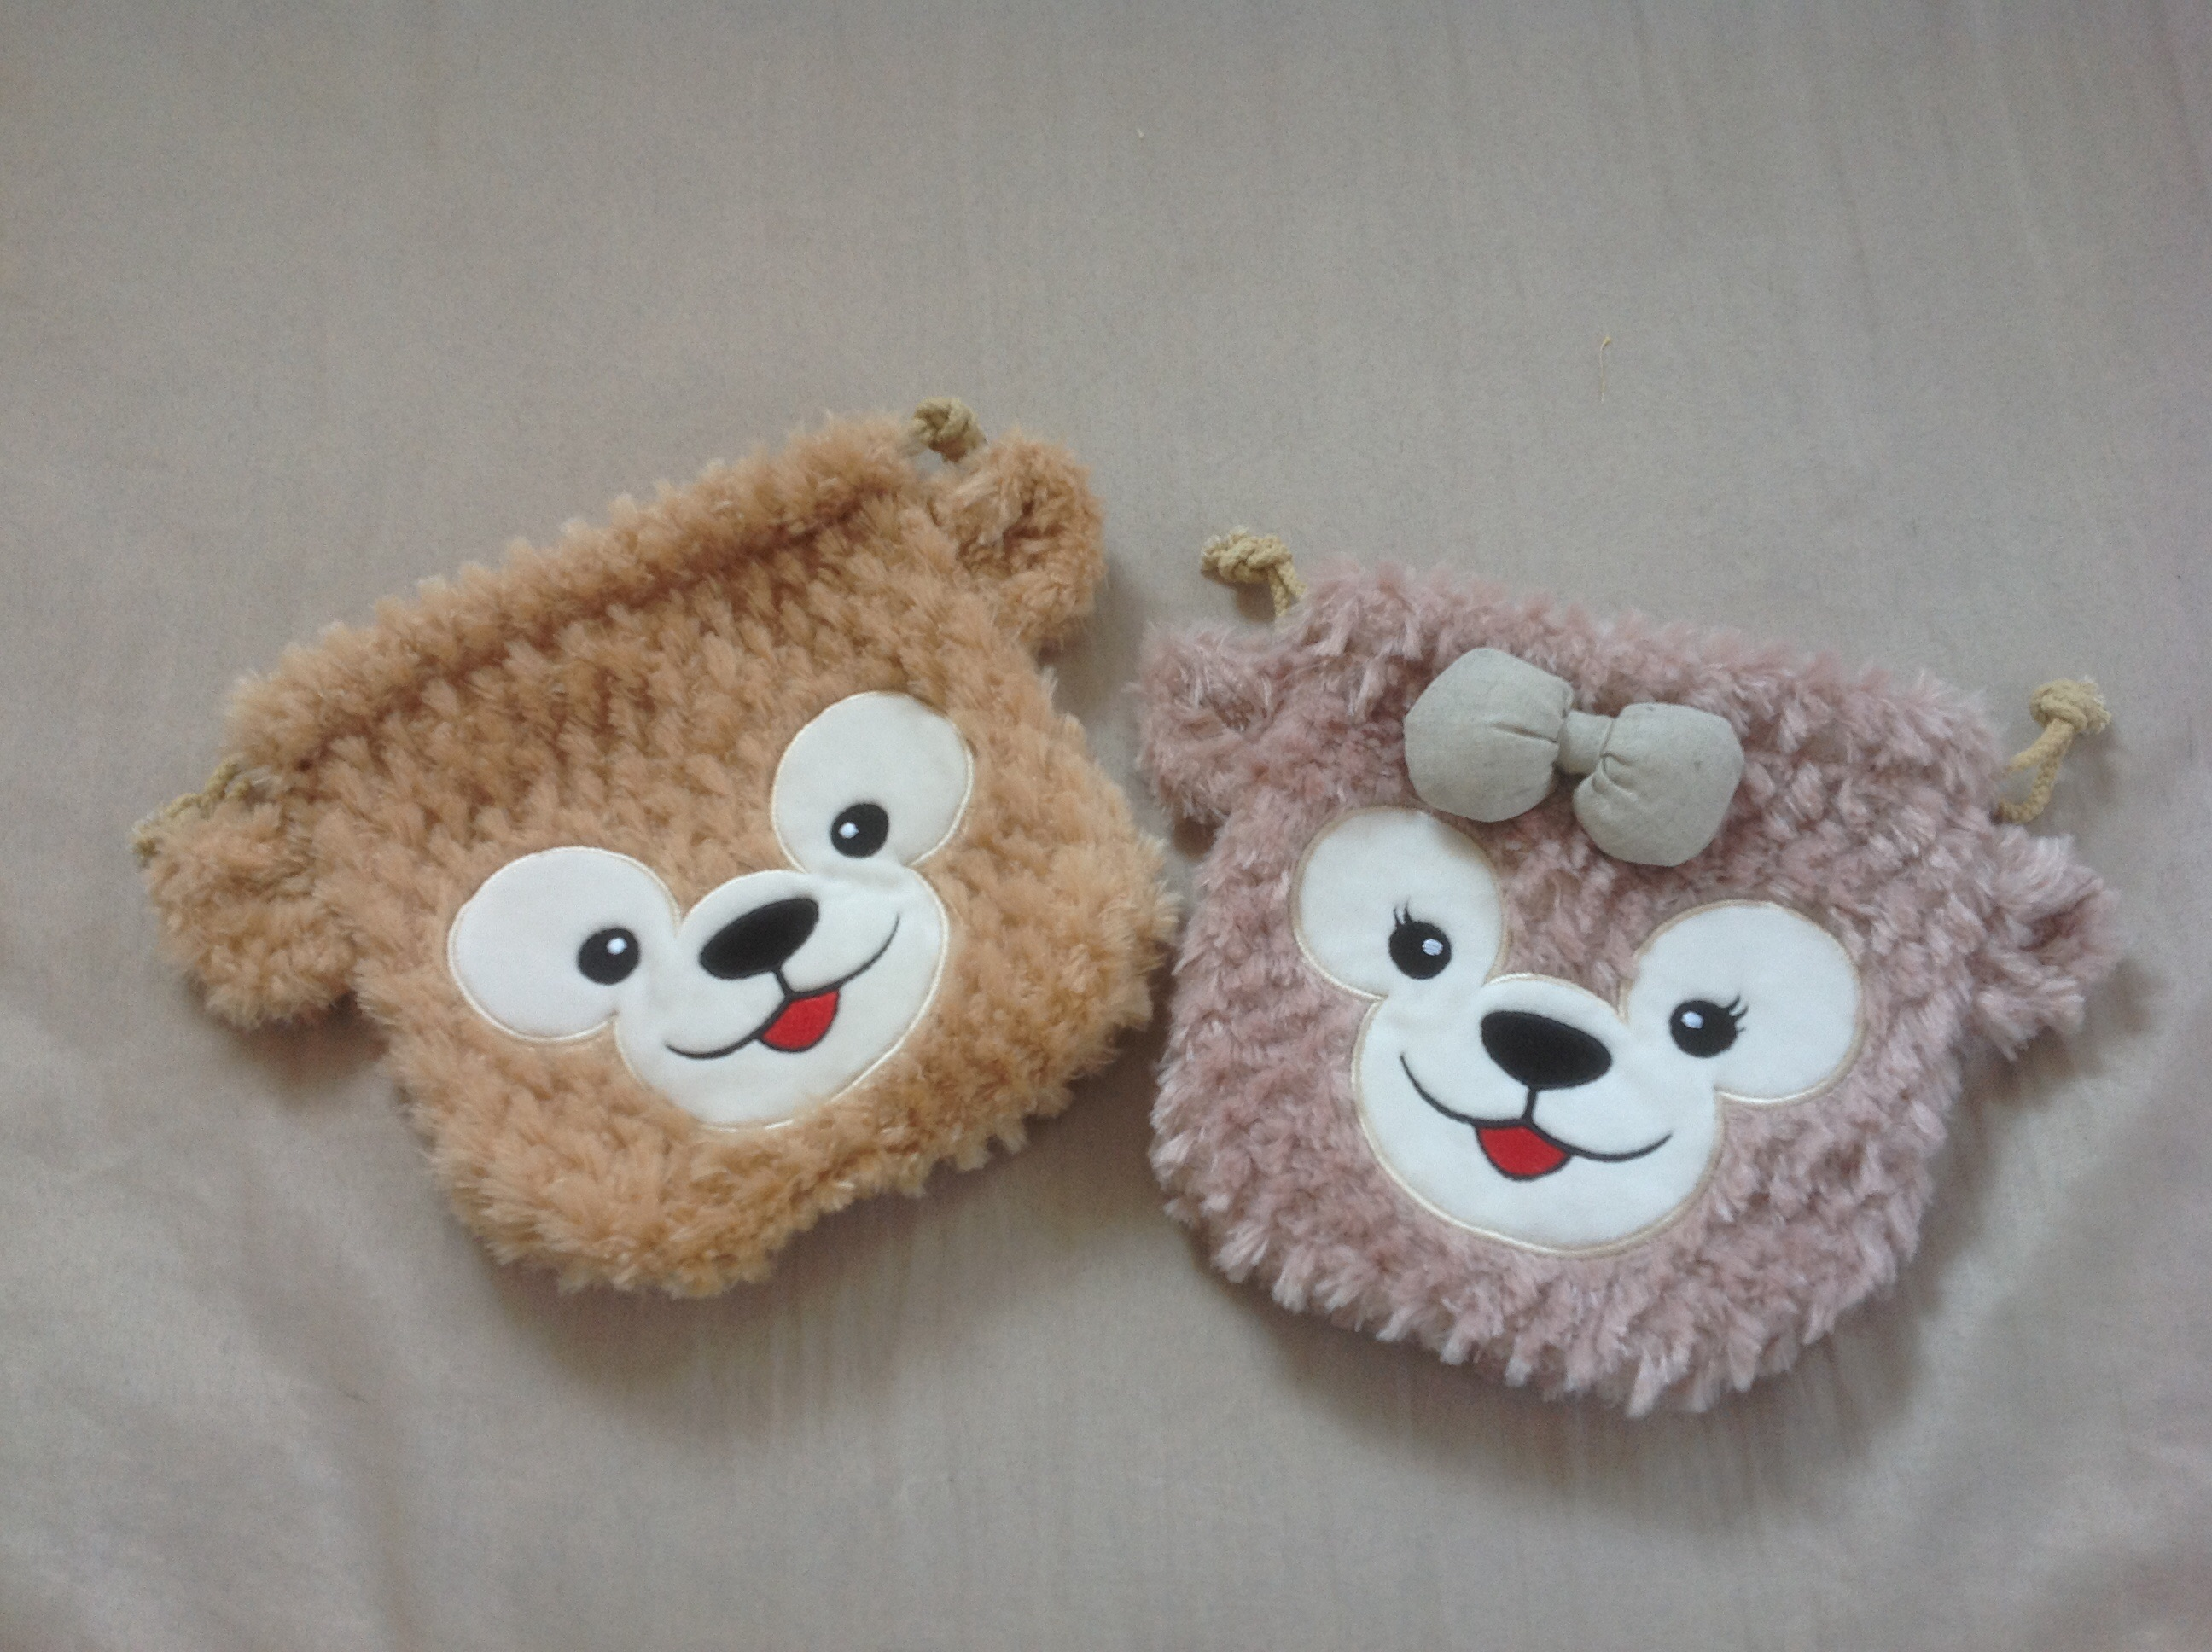 (สินค้าแลกซื้อในราคา 60 บาท) ถุงรูด Duffy Bear ขนนุ่มมากๆ